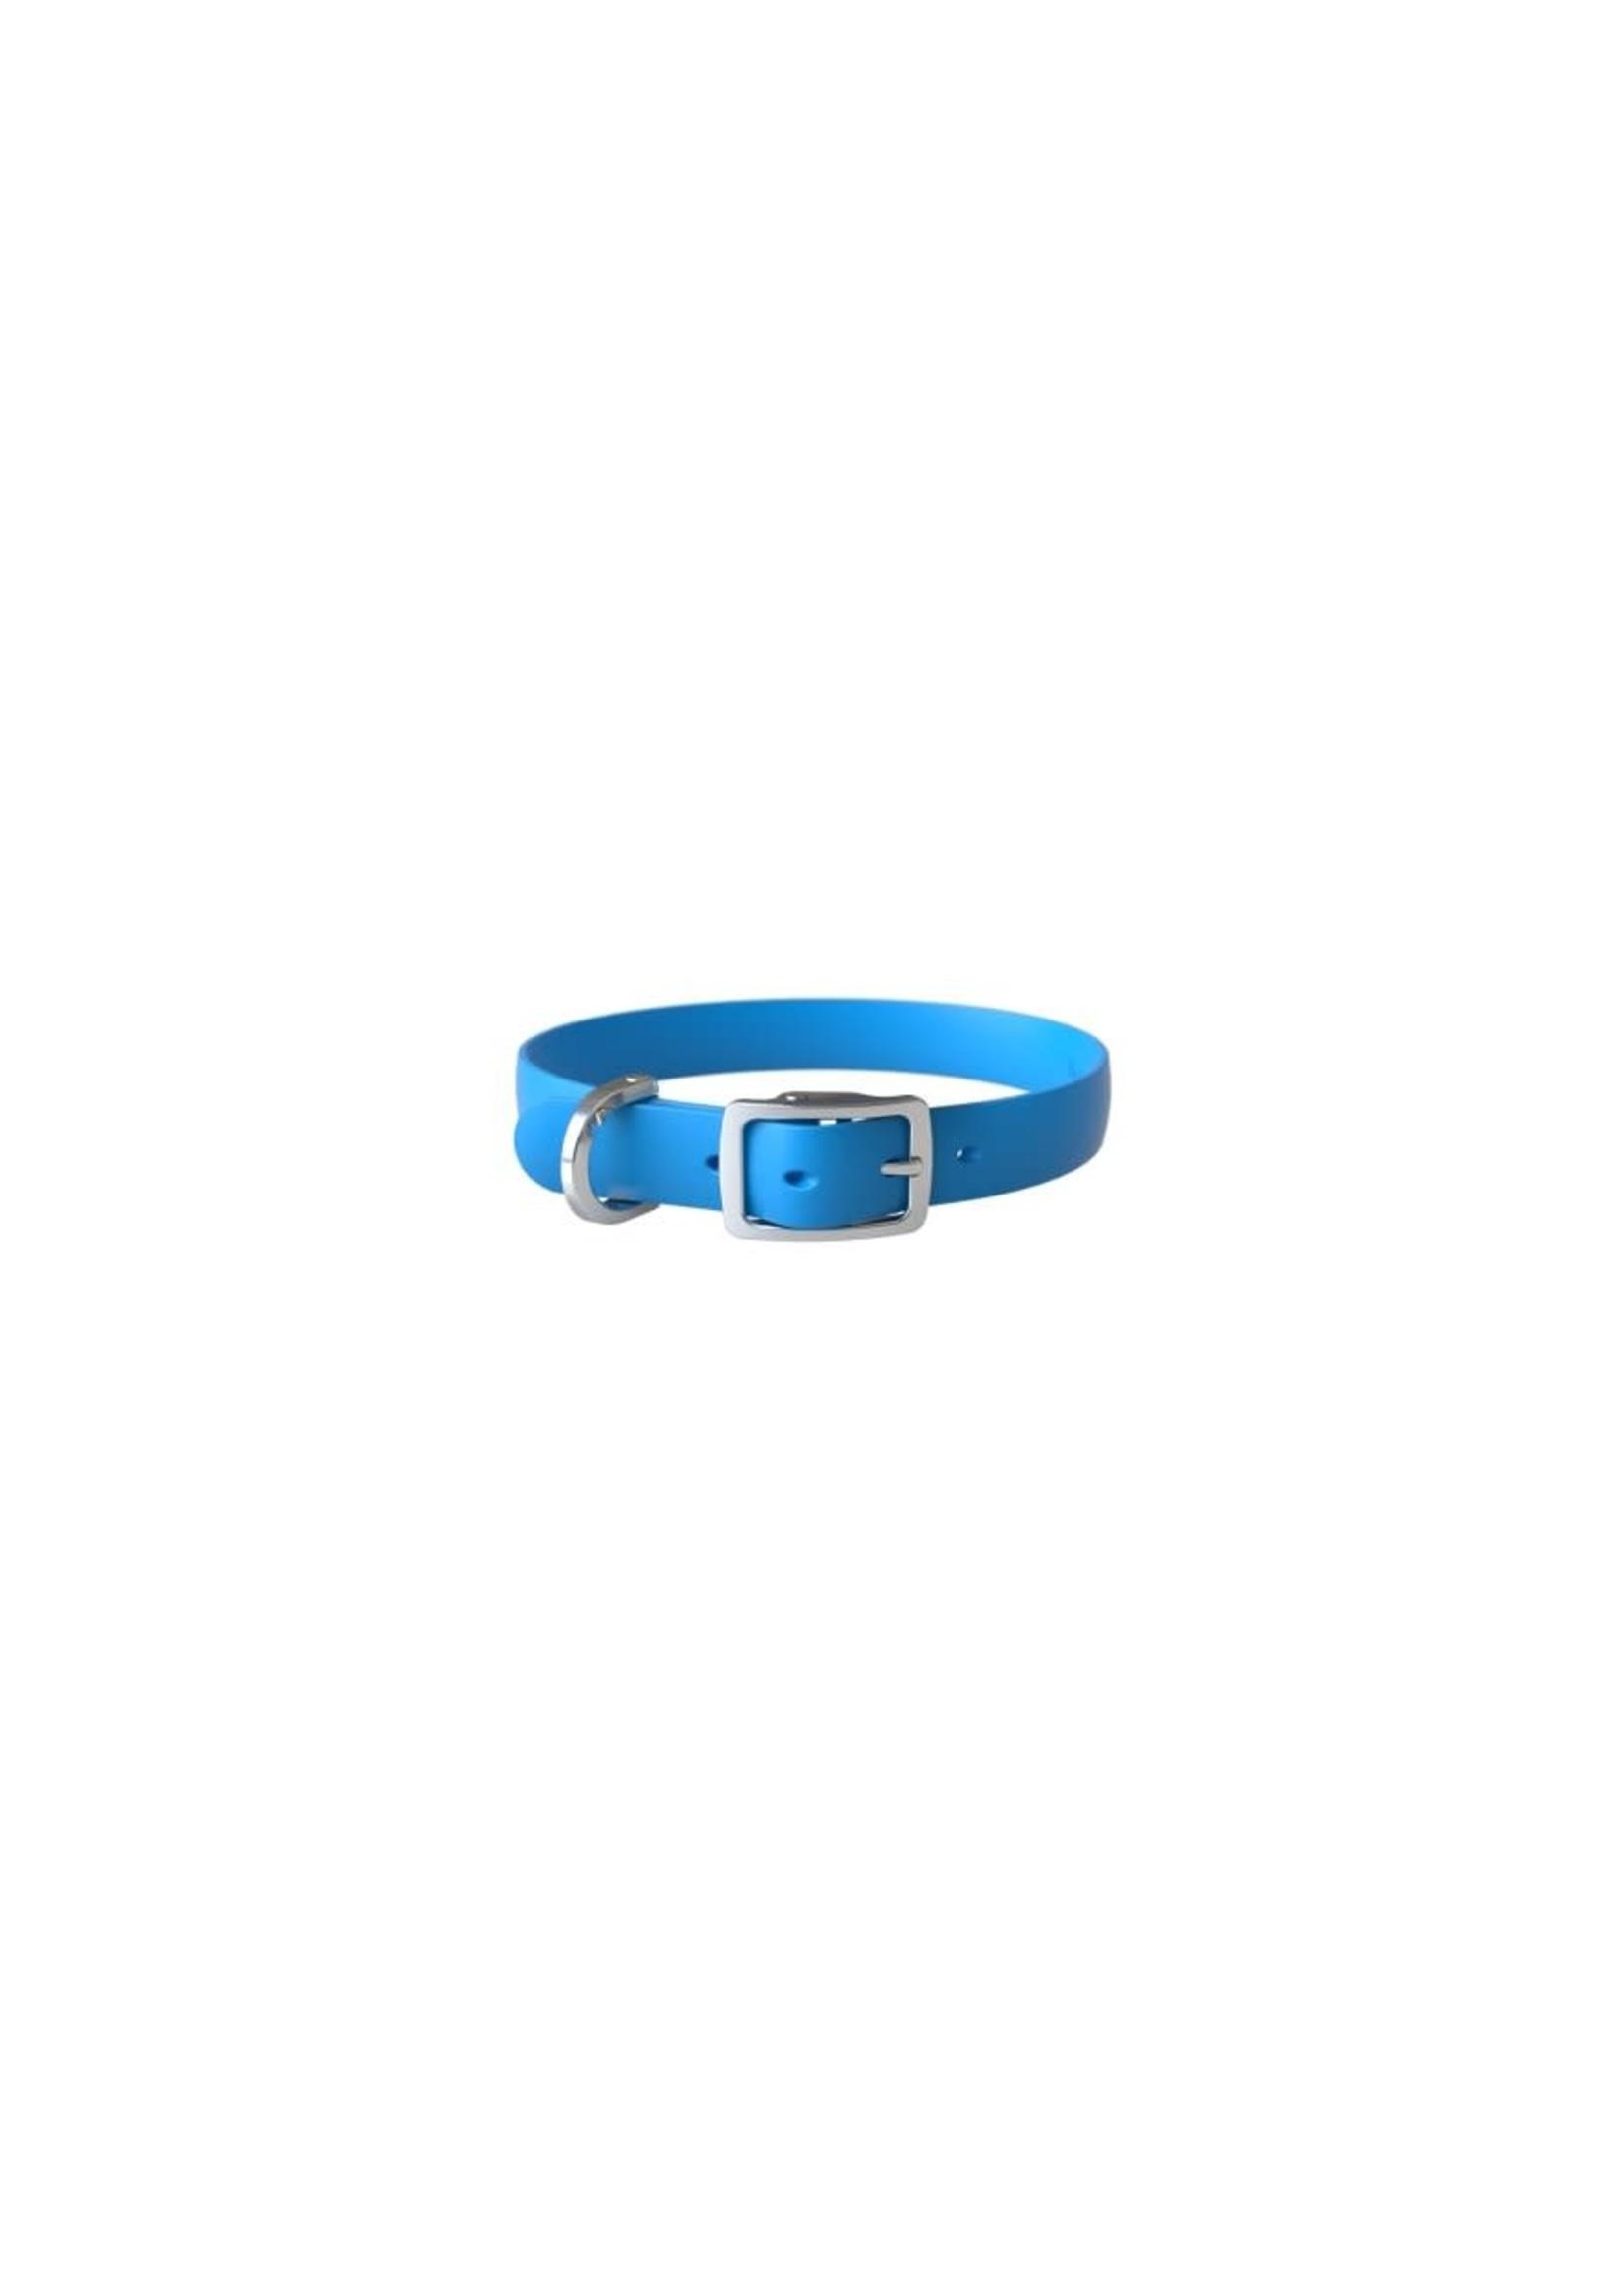 BOND Bond pet chien collier Bleuet petit